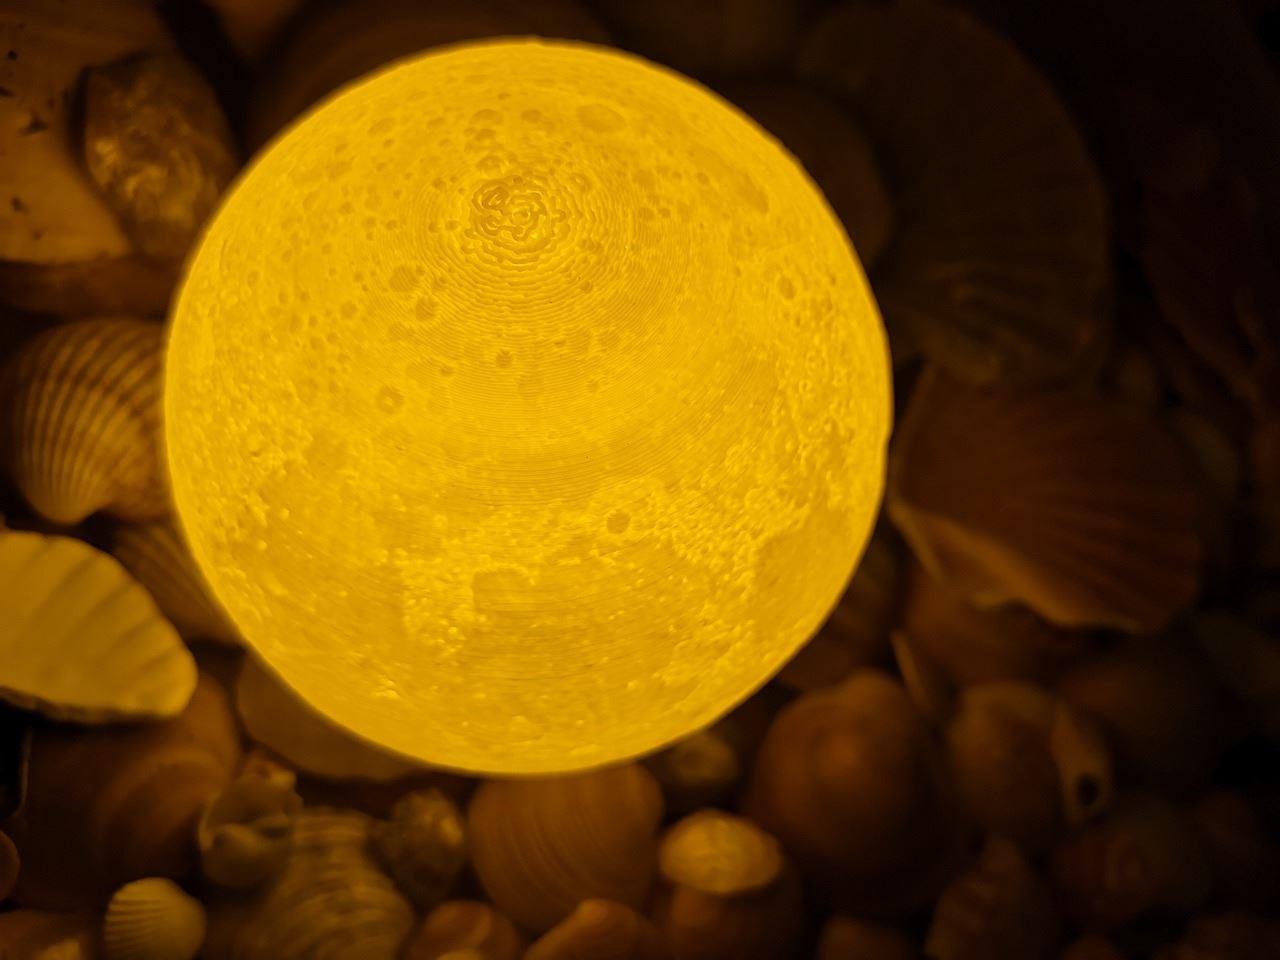 månelampen